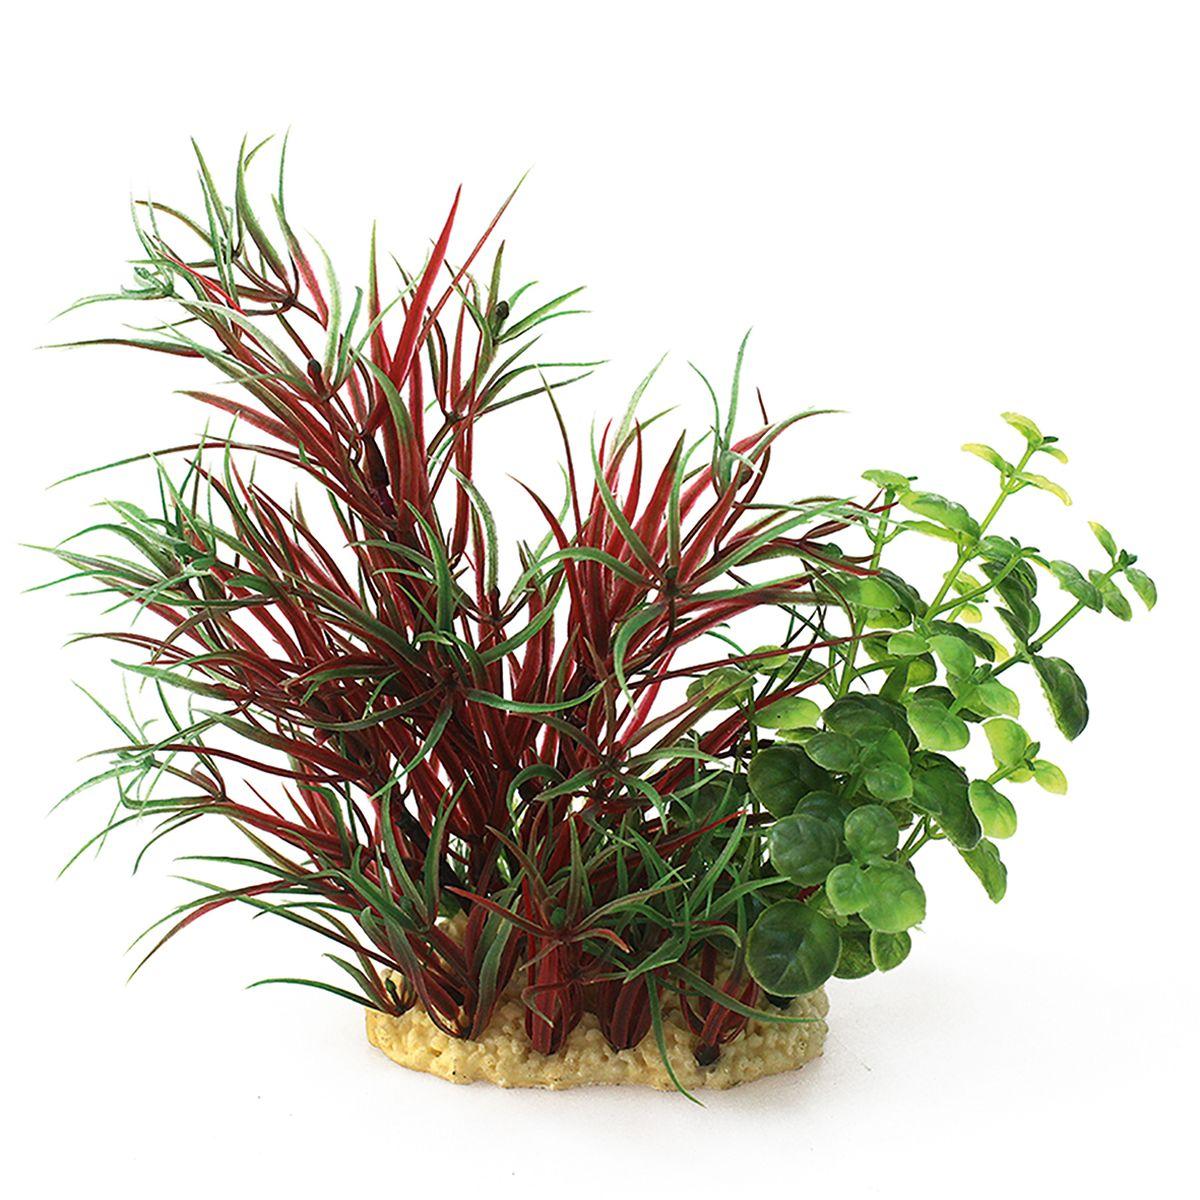 Растение для аквариума ArtUniq Лагаросифон мадагаскарский красный, высота 15 смART-1140102Растение для аквариума ArtUniq Лагаросифон мадагаскарский красный, высота 15 см